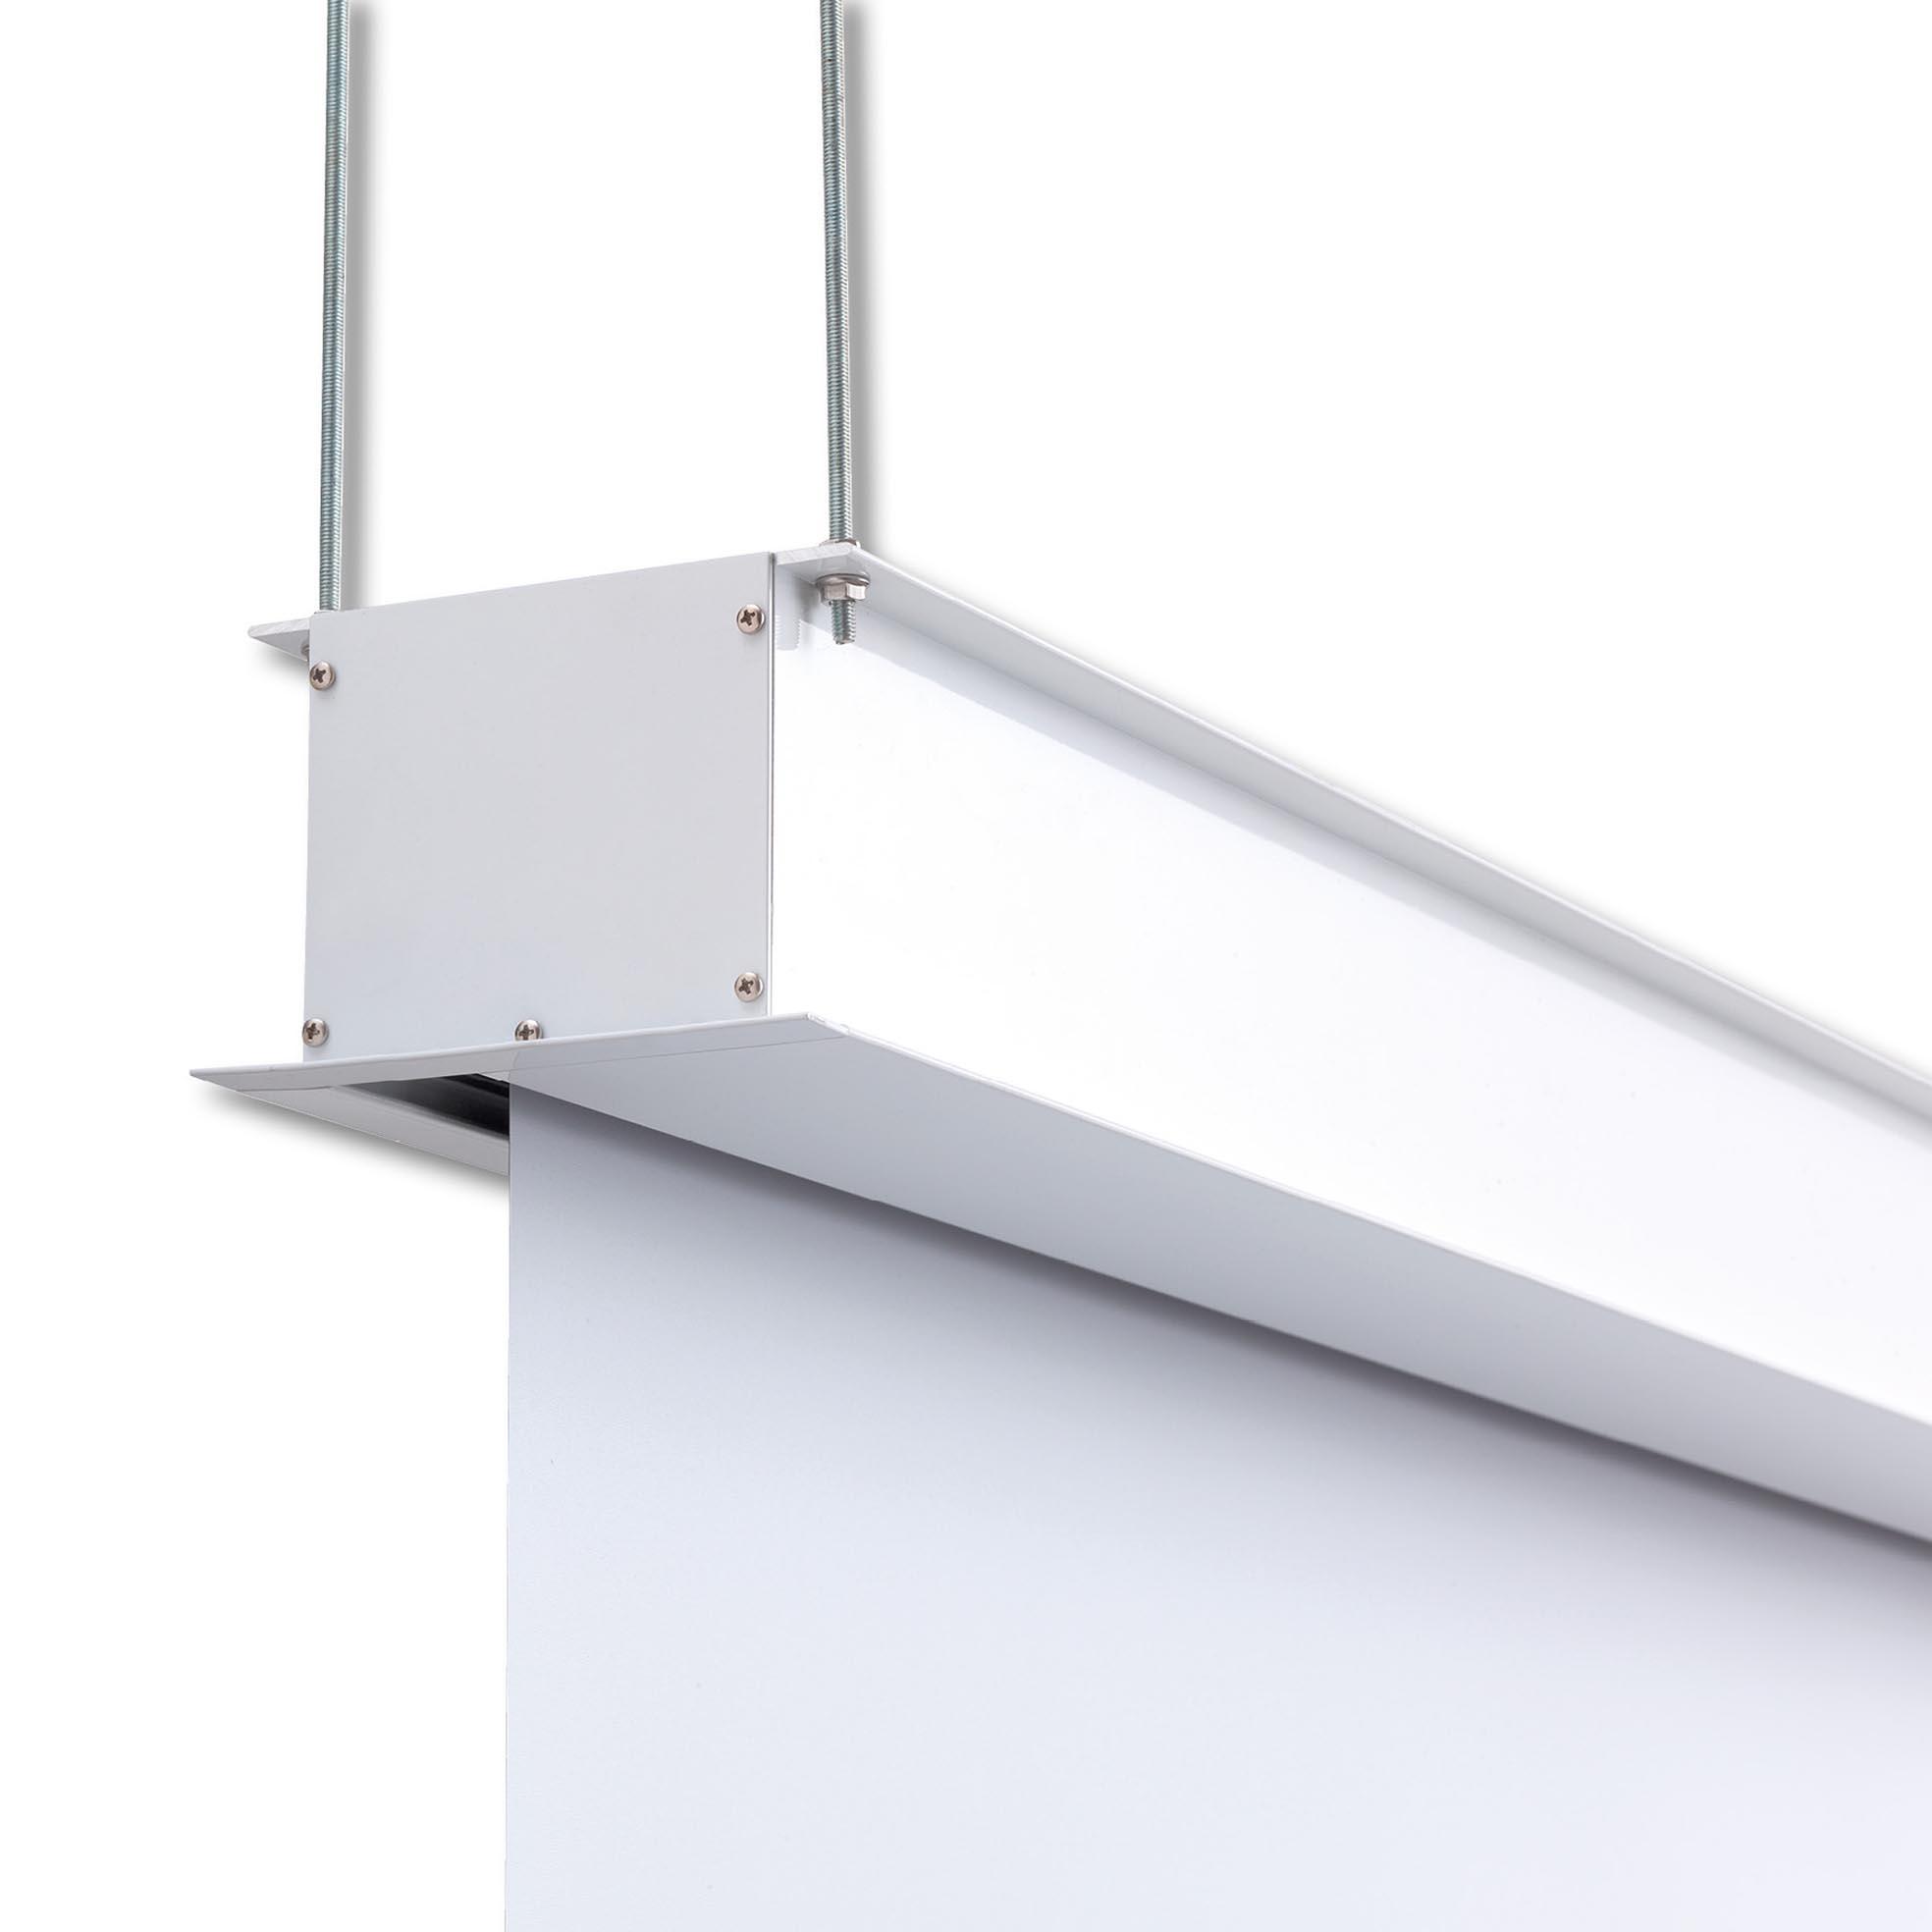 Projektorduk för inbyggnad i tak för projektor, detaljbild upphängningsfästen och kassett, från Kingpin Screens